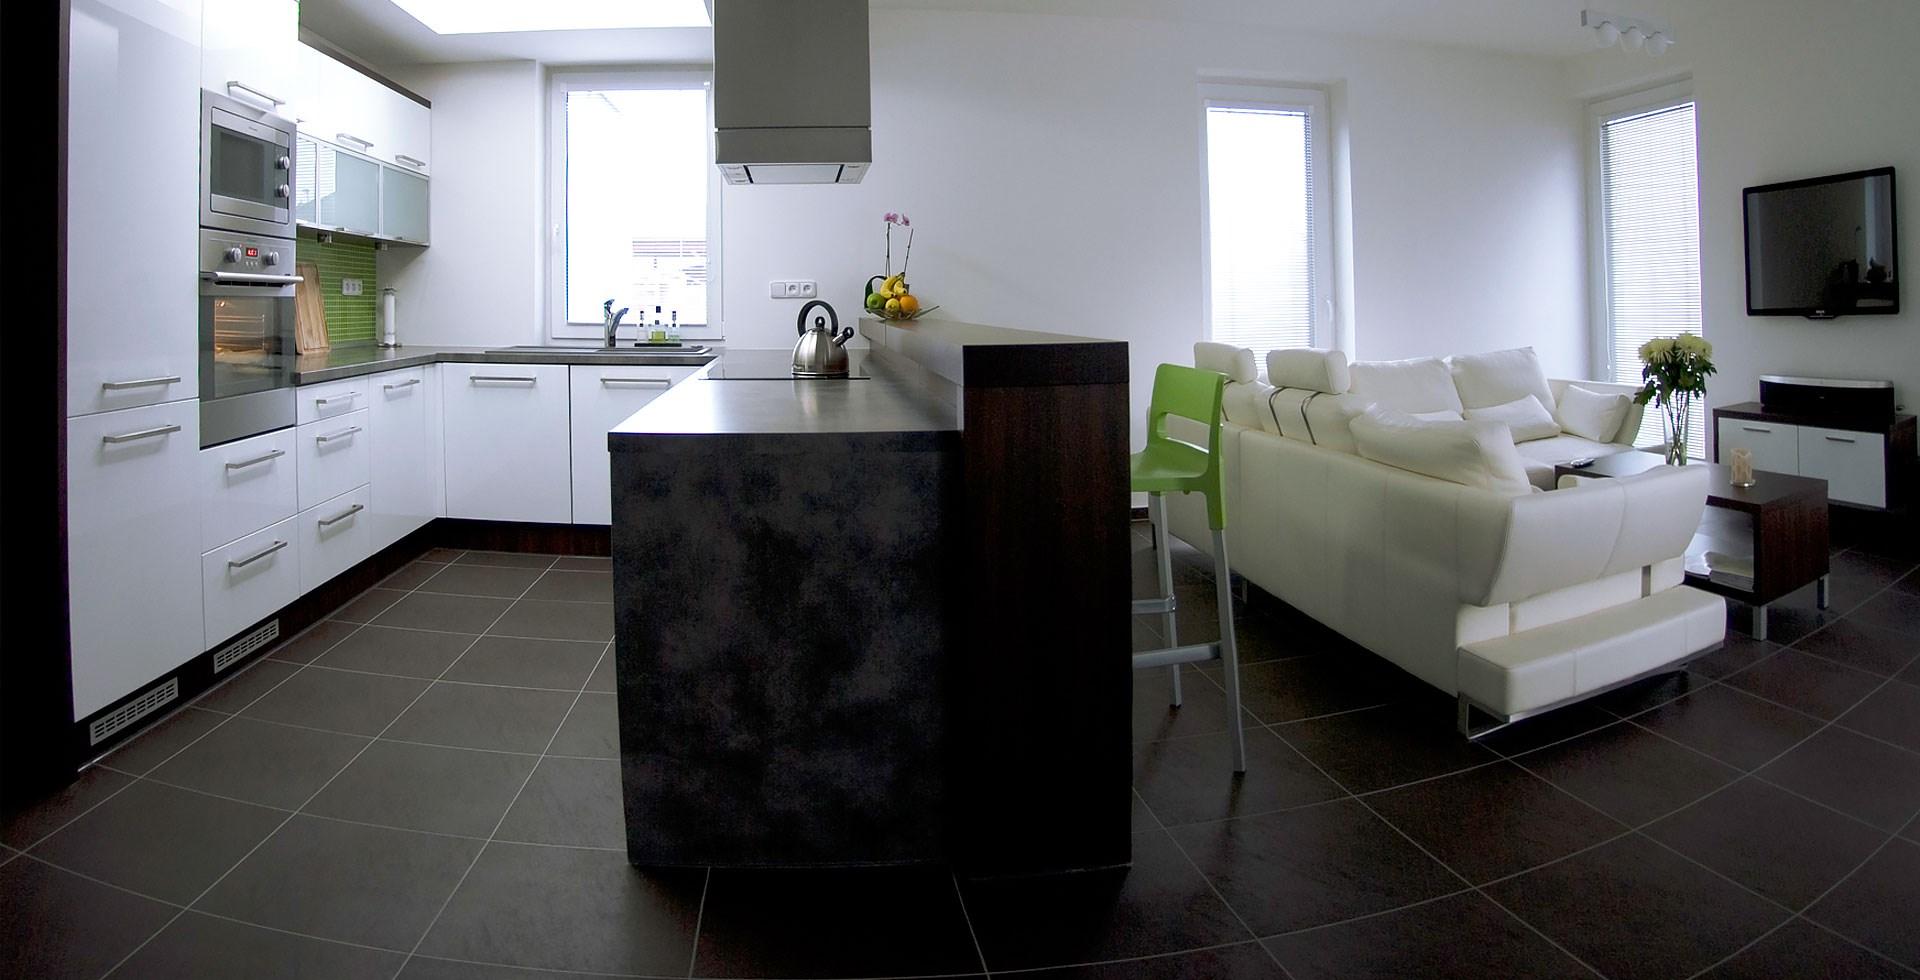 arttech_vizual_kuchyne-3